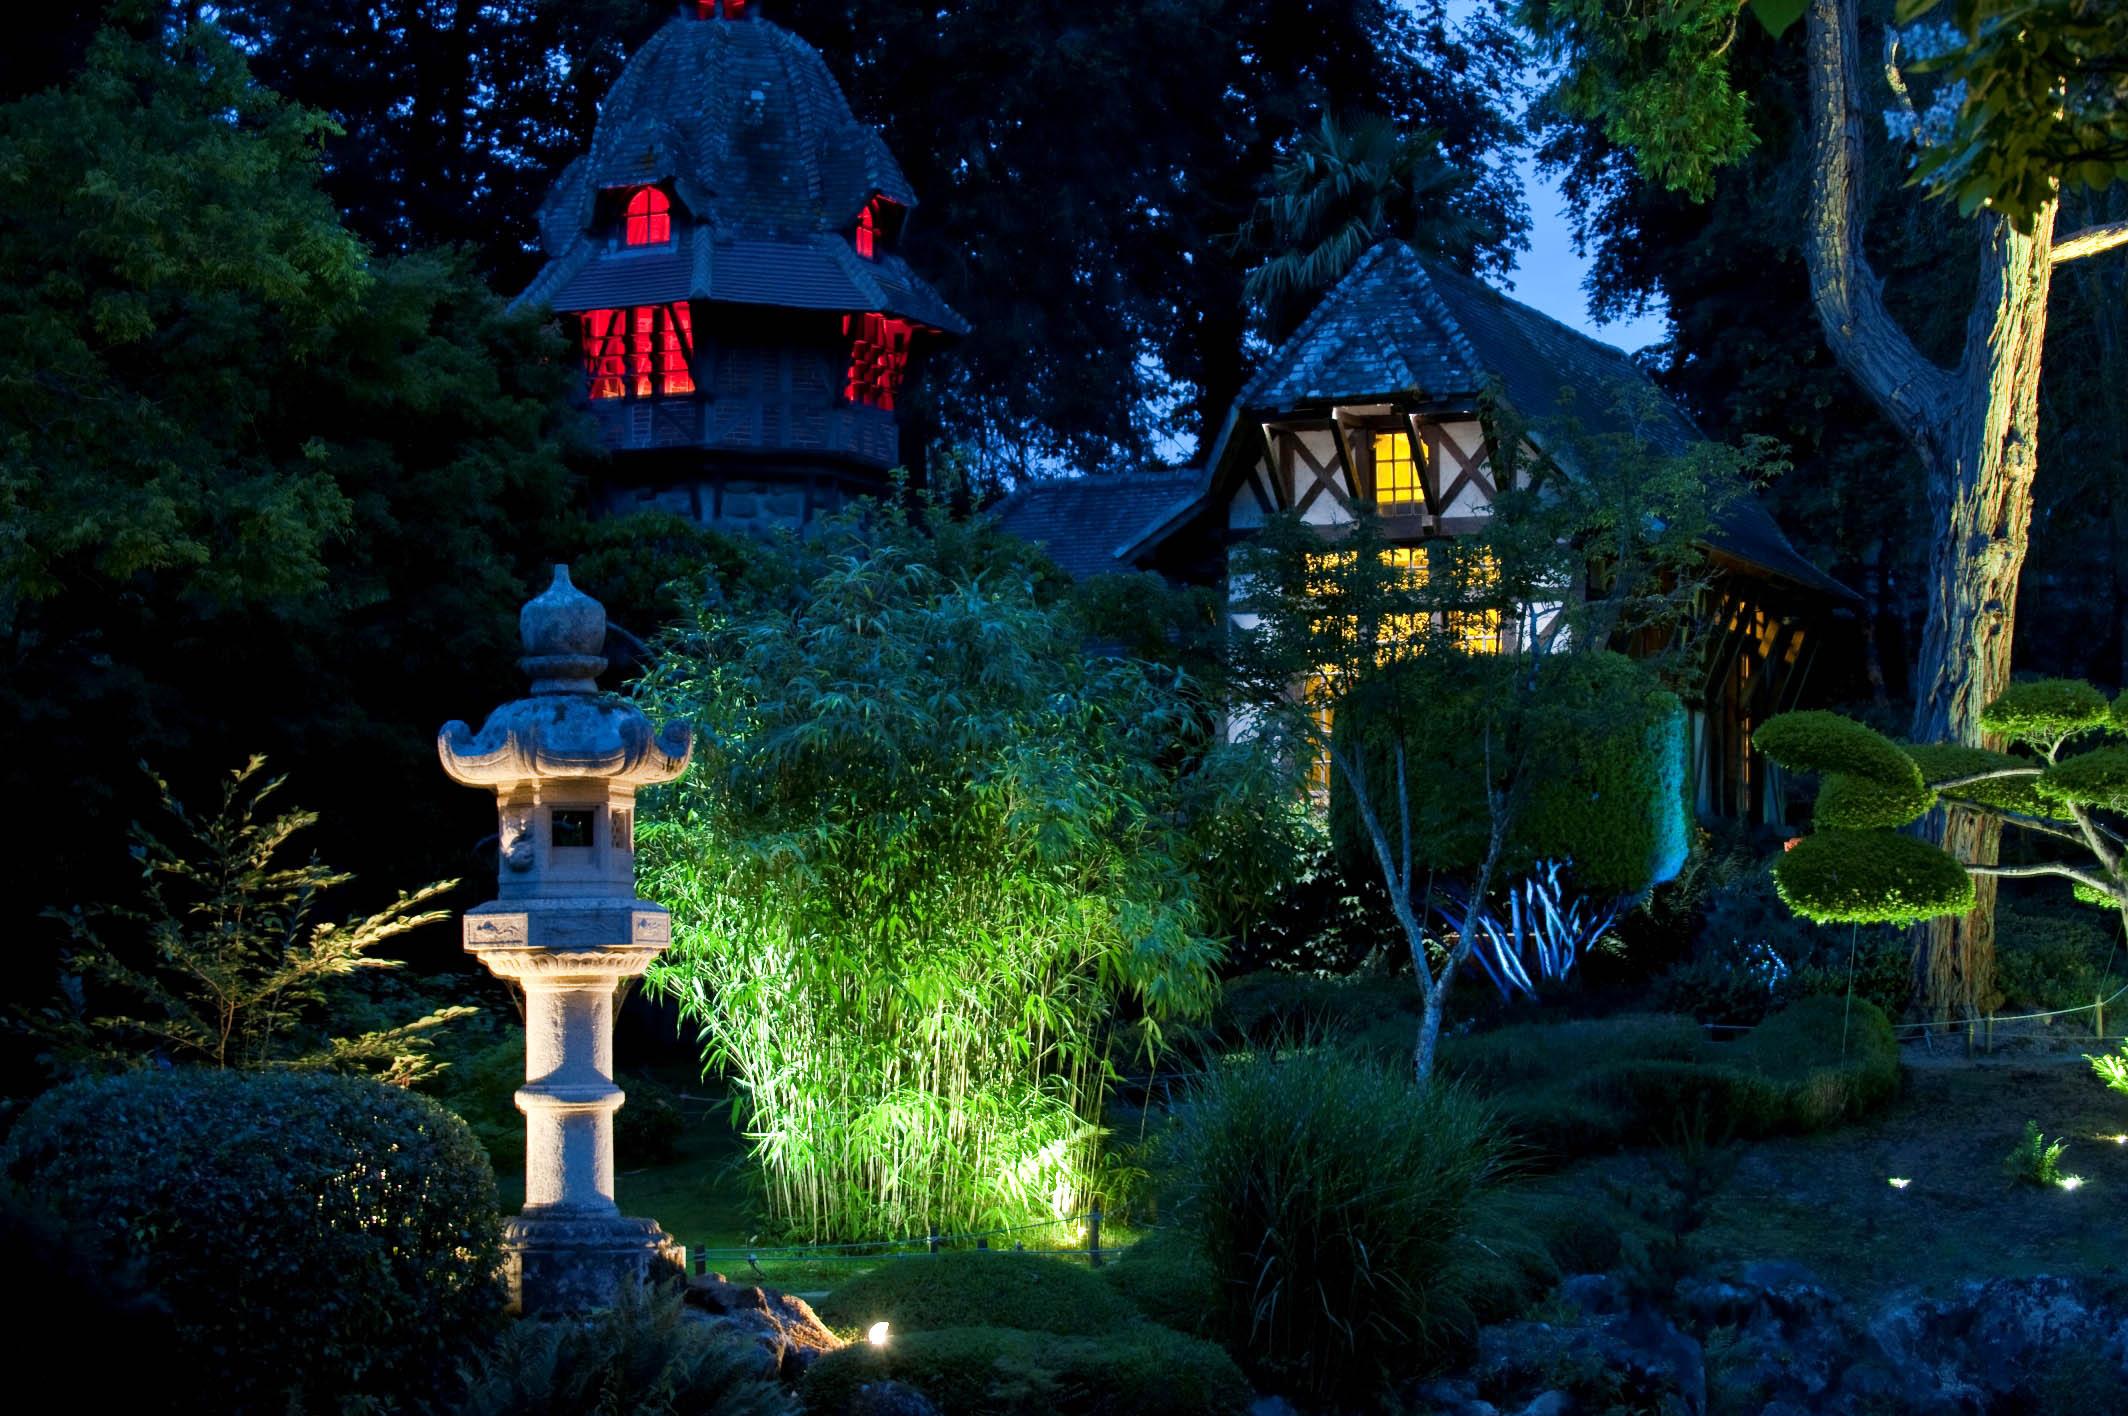 Parc oriental de maul vrier parcs et jardins maulevrier 49360 for Jardin japonais angers